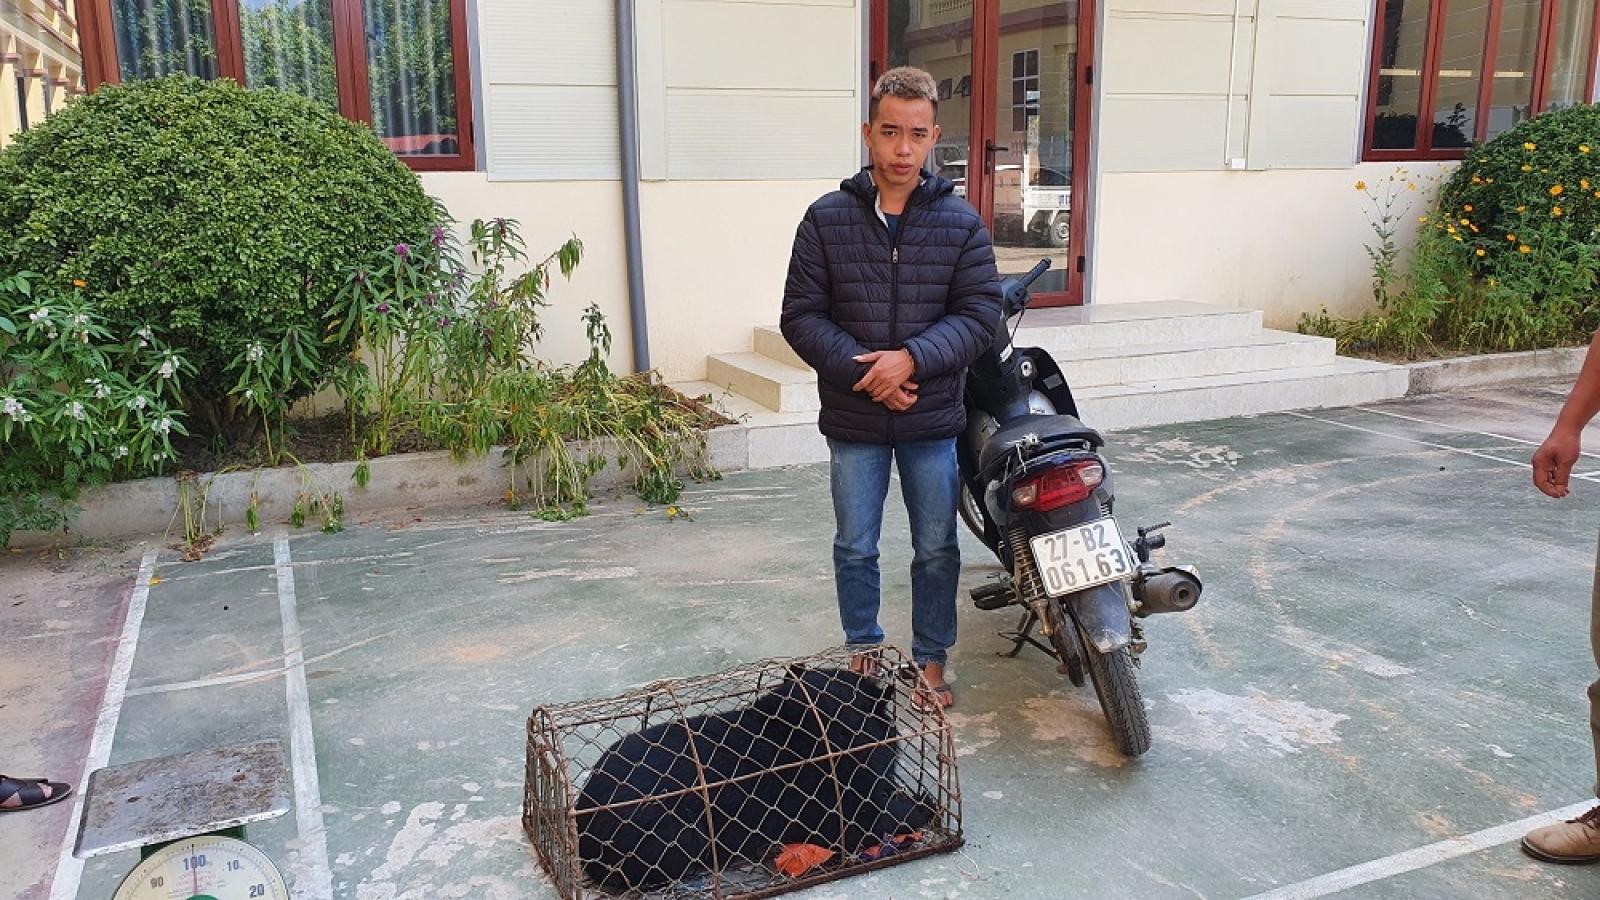 Công an Điện Biên bắt giữ đối tượng vận chuyển động vật hoang dã, quý hiếm